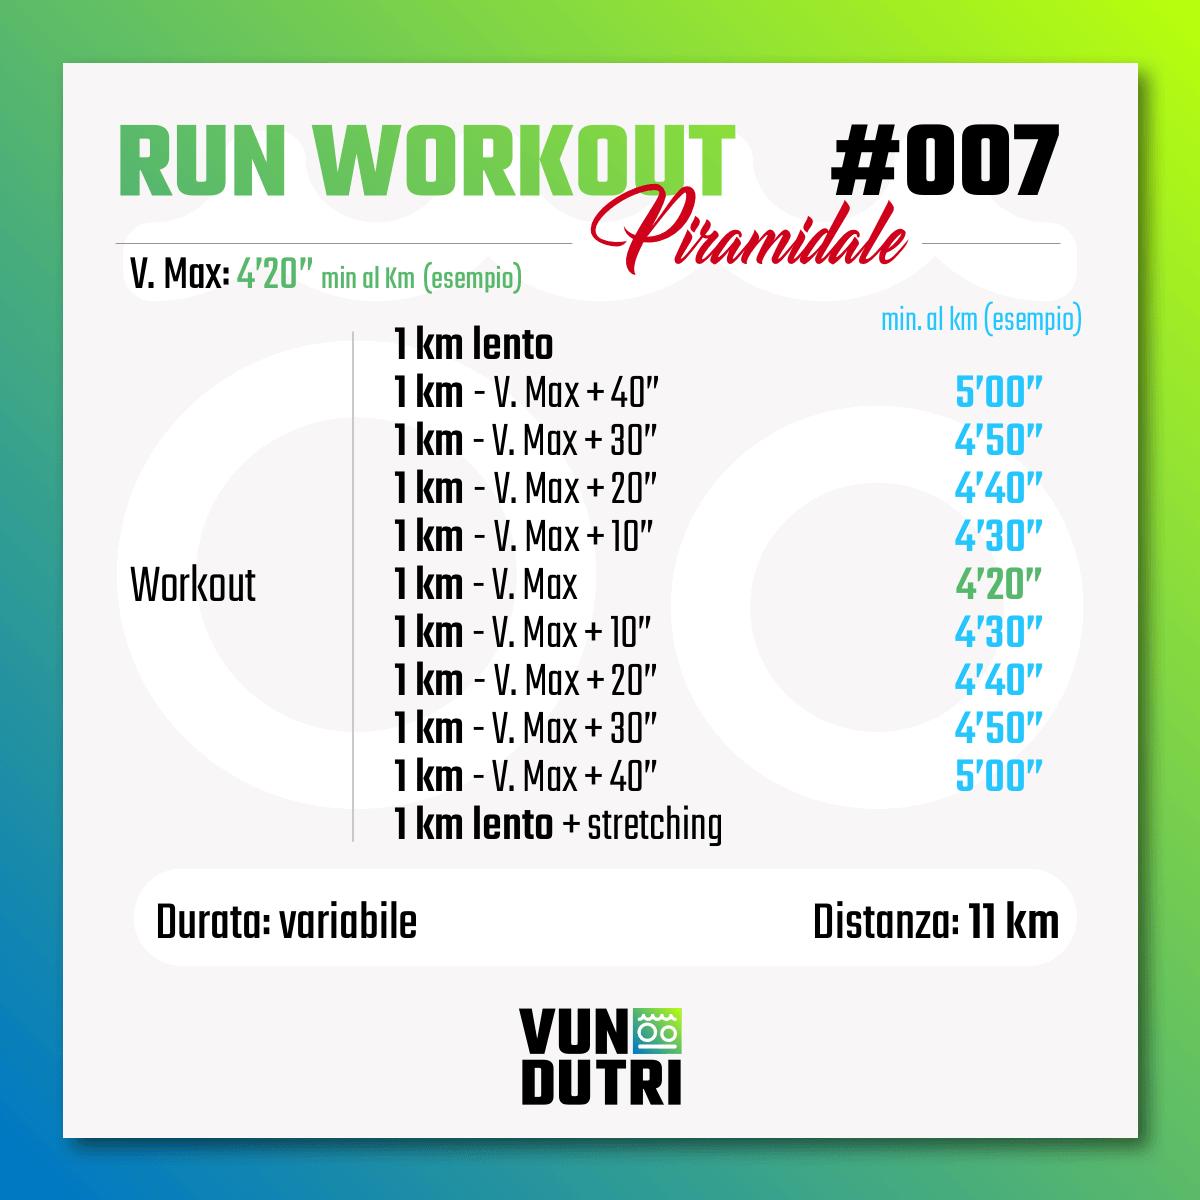 Run Workout 007 - piramidale